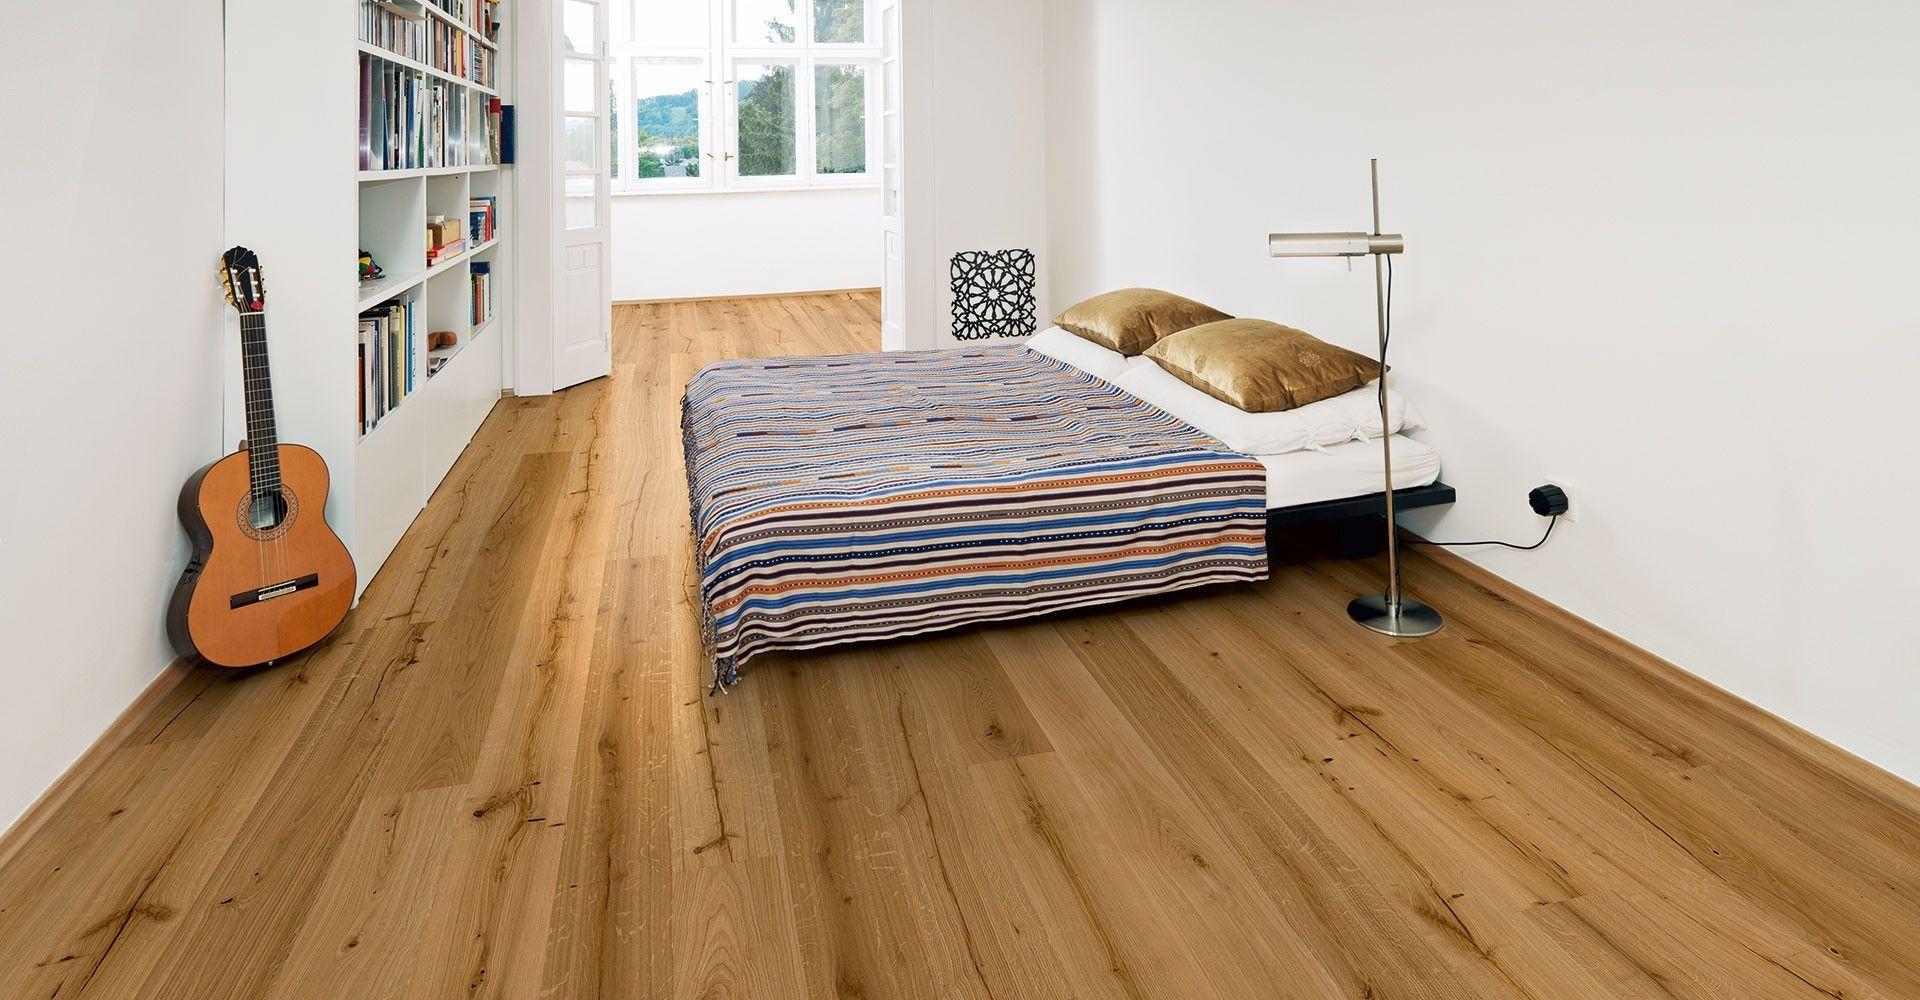 Holzfußboden Schlafzimmer ~ Luxus minimal weißen schlafzimmer mit vintage holzfußboden